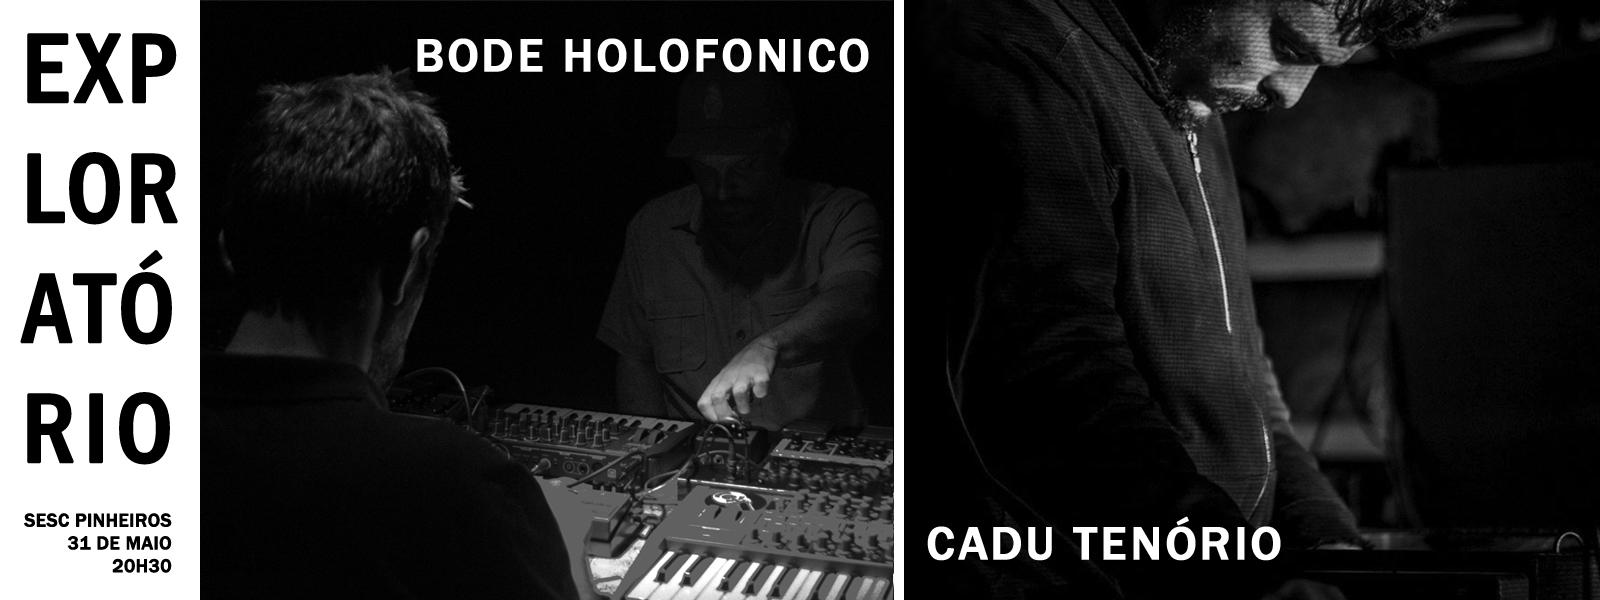 Cadu Tenório e Bode Holofonico no Exploratório, SESC Pinheiros /SP